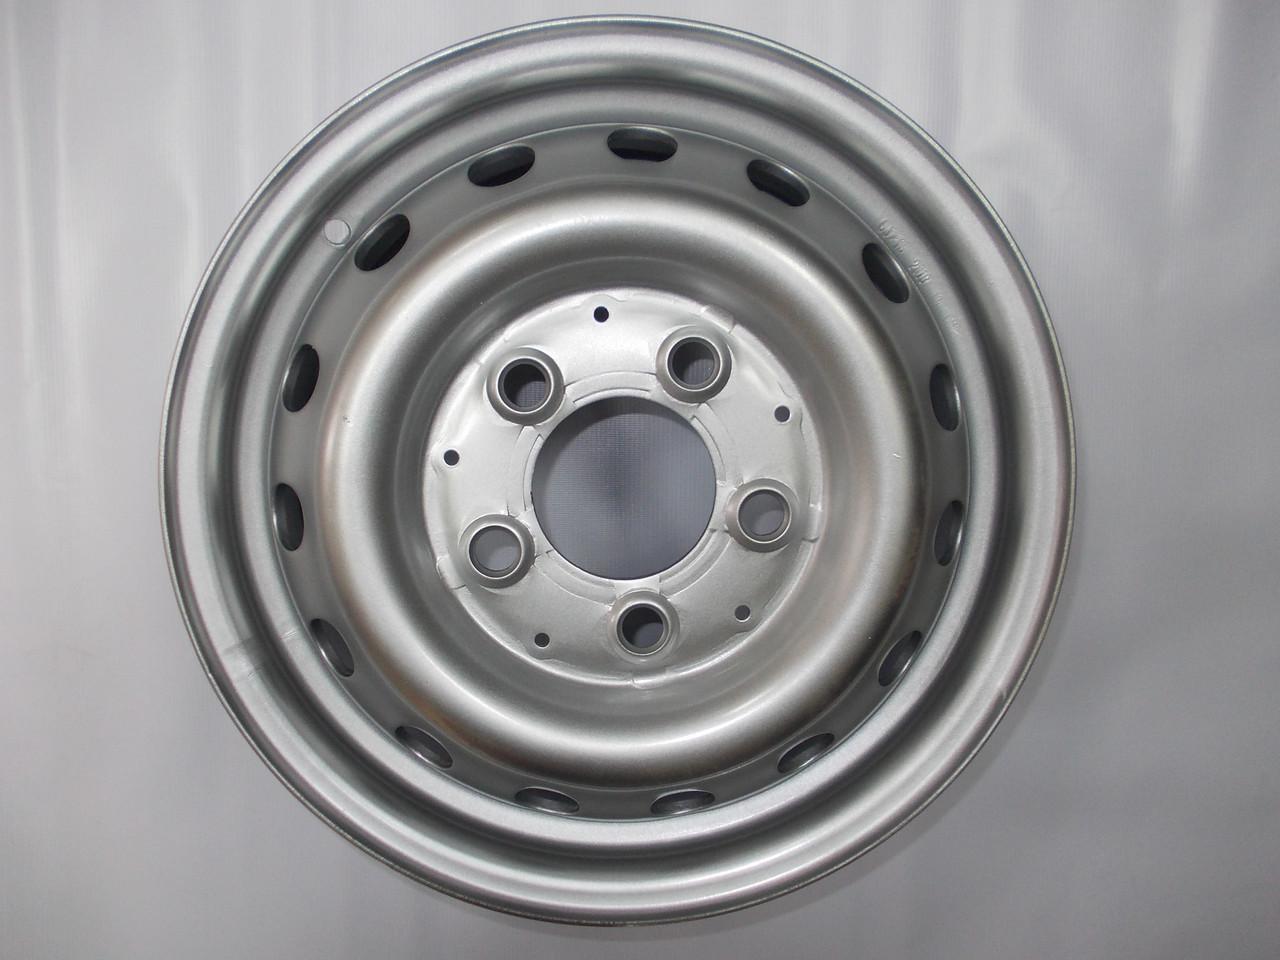 Стальные диски R15 5x130, стальные диски на MB Sprinter Wv LT, железные диски на мерседес спринтер Л